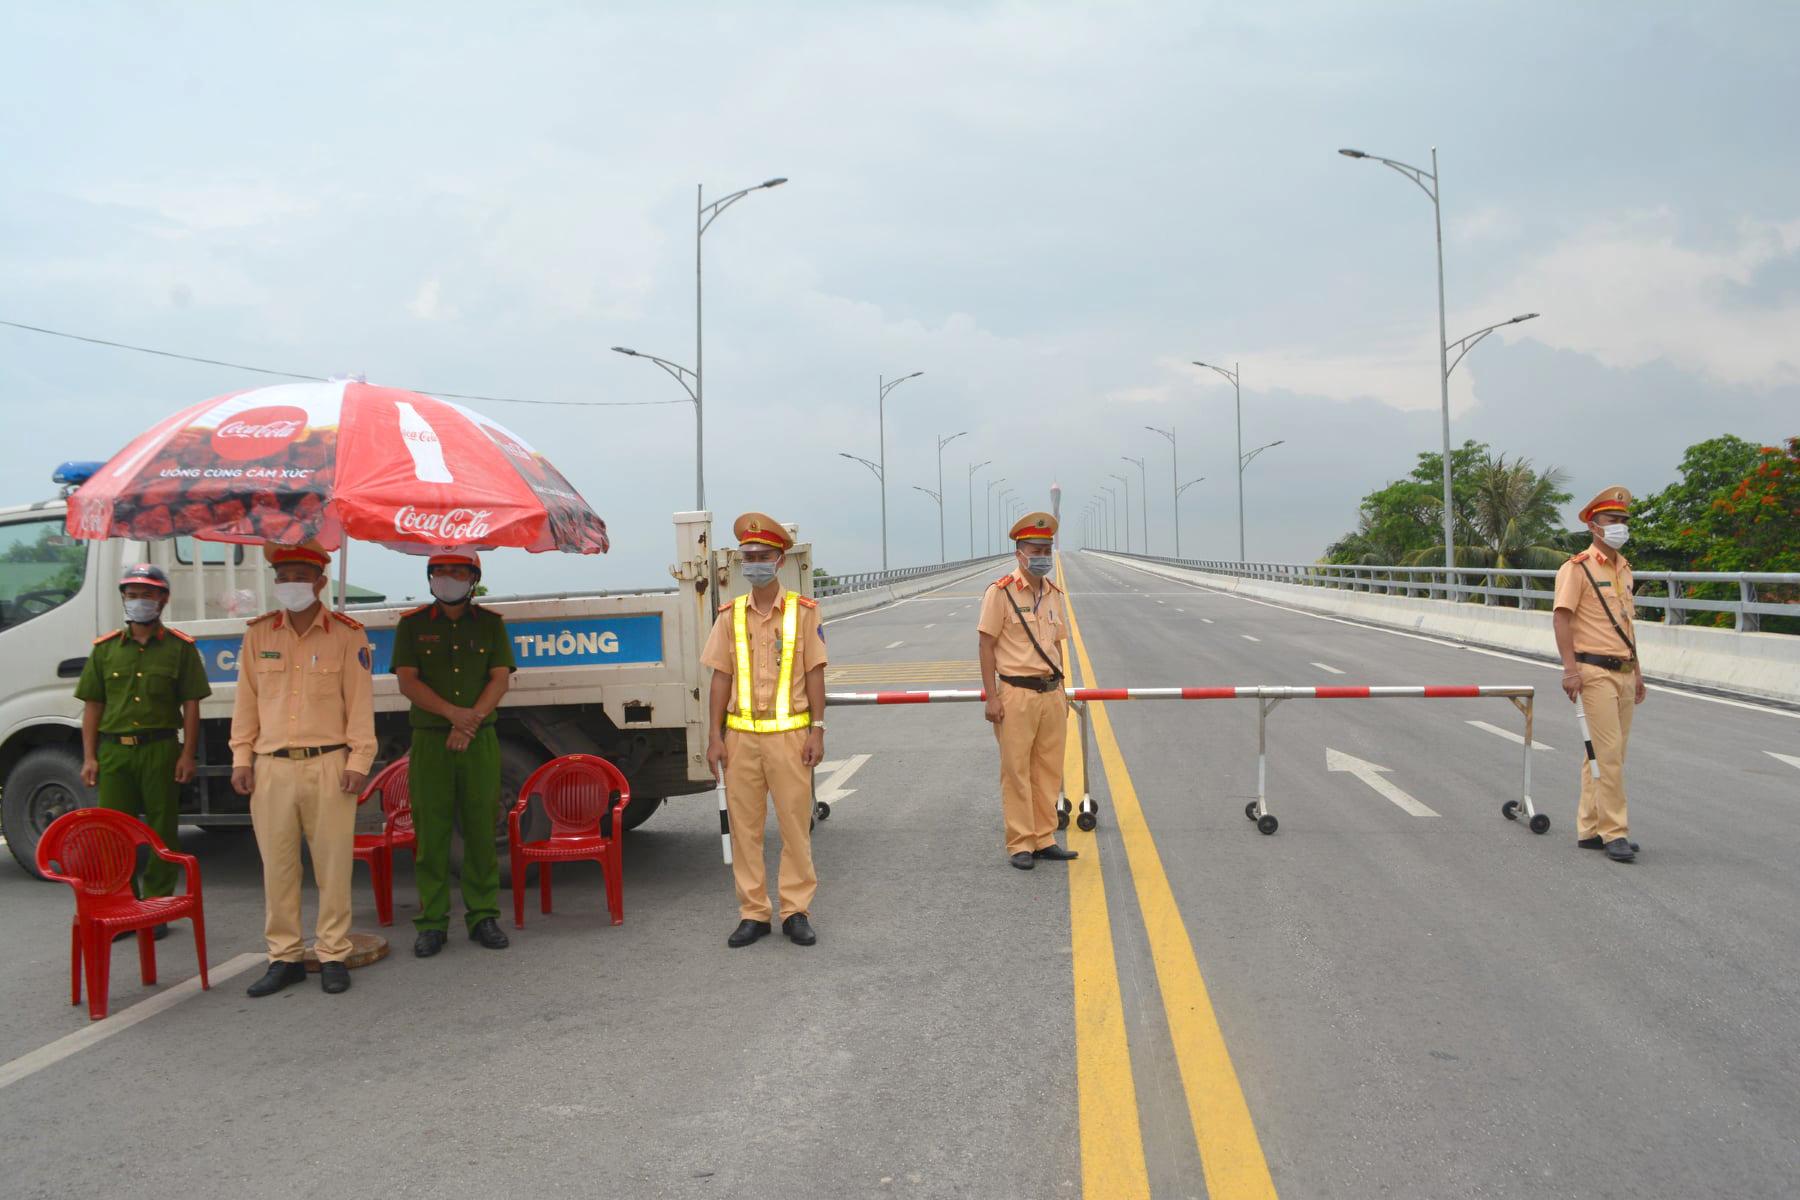 Công an Nghệ An lập chốt kiểm soát người ra vào ở giáp ranh 2 tỉnh Nghệ An, Hà Tĩnh